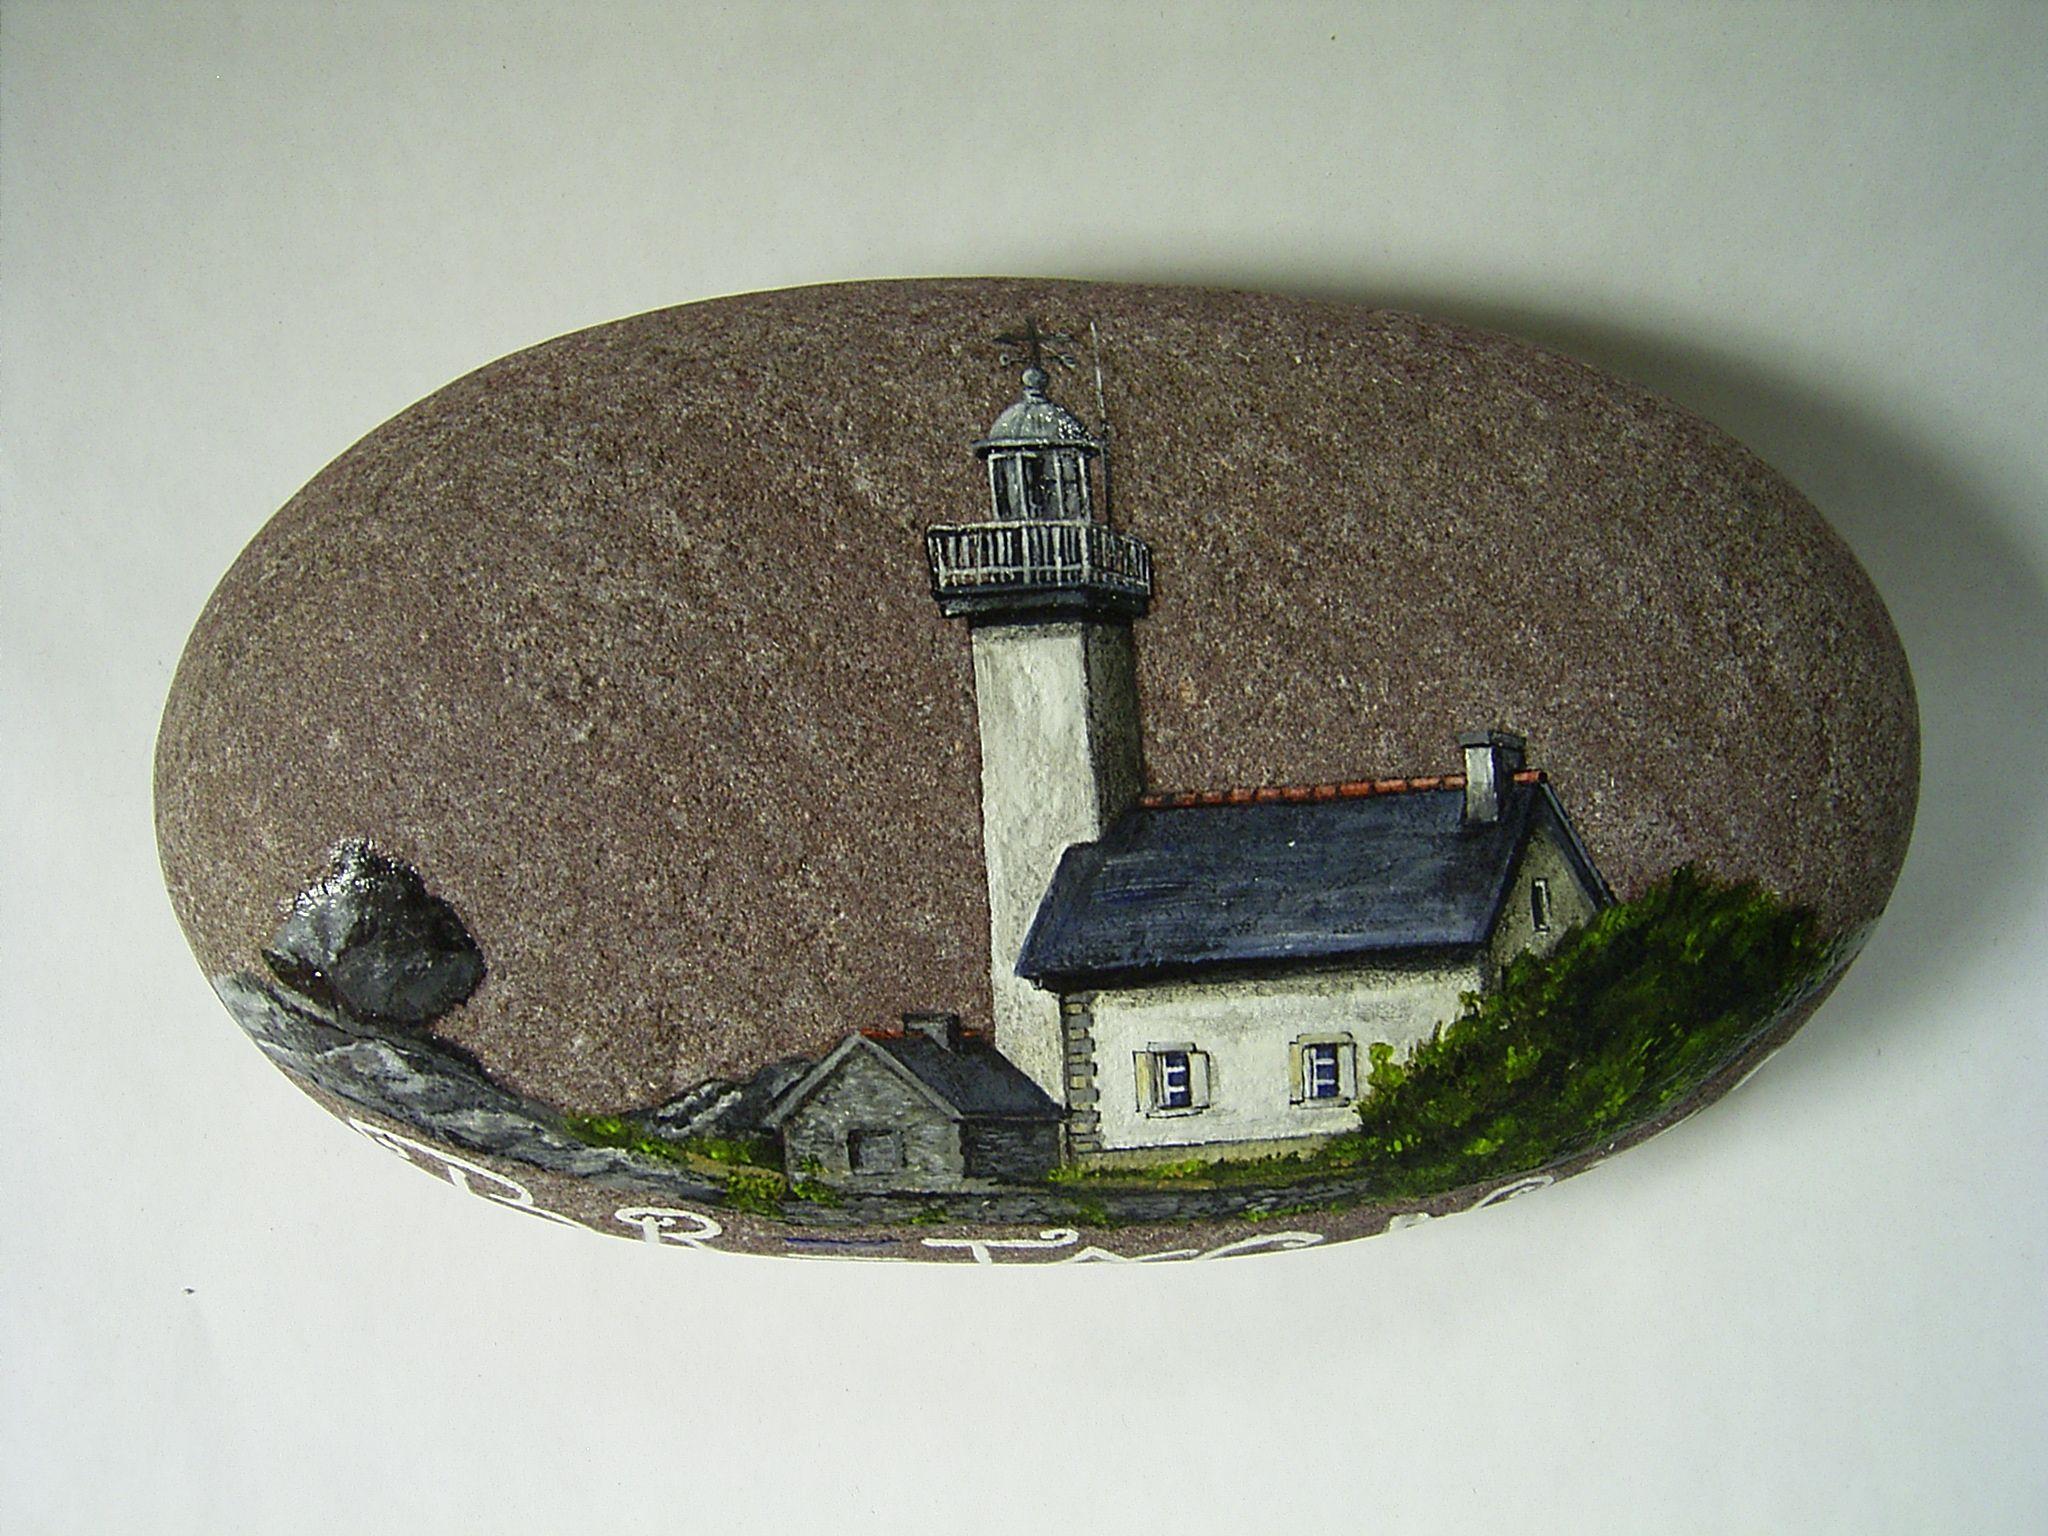 bemalte steine bemalte steine lighthouse painting pinterest bemalte steine steine und. Black Bedroom Furniture Sets. Home Design Ideas